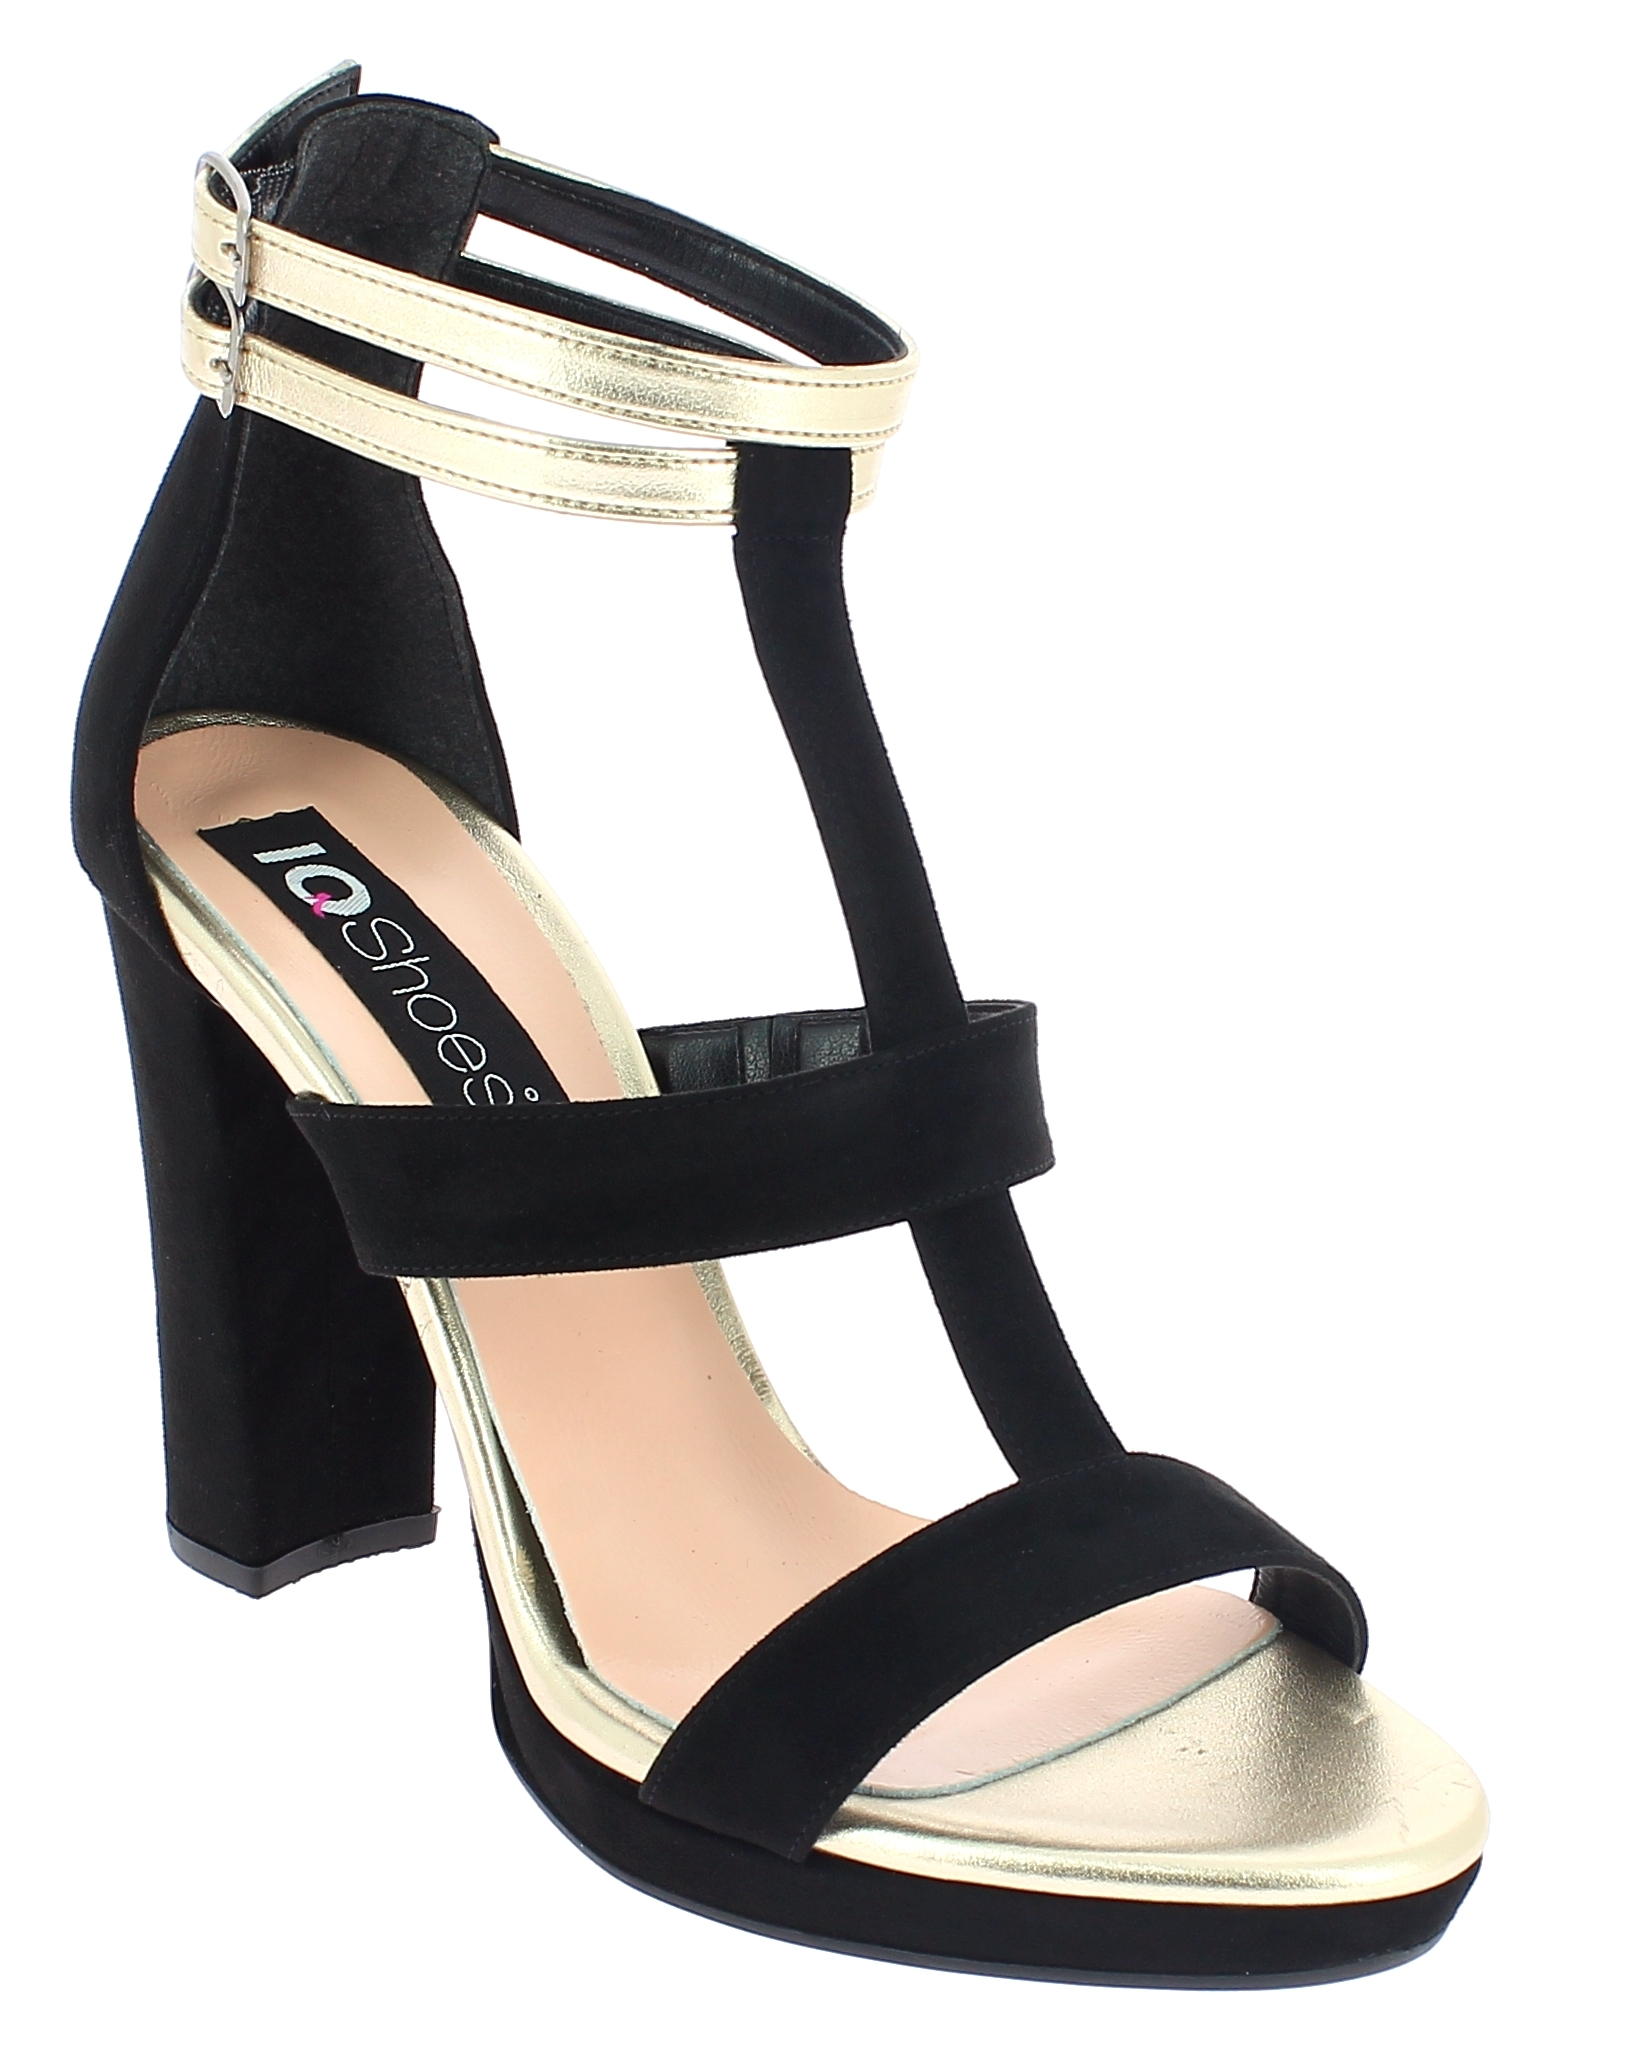 IQSHOES Γυναικείο Πέδιλο 1090 Μαύρο - IqShoes - 41.1090 BLACK-IQSHOES-black-39/1 παπούτσια  γυναικεία σανδάλια   πέδιλα